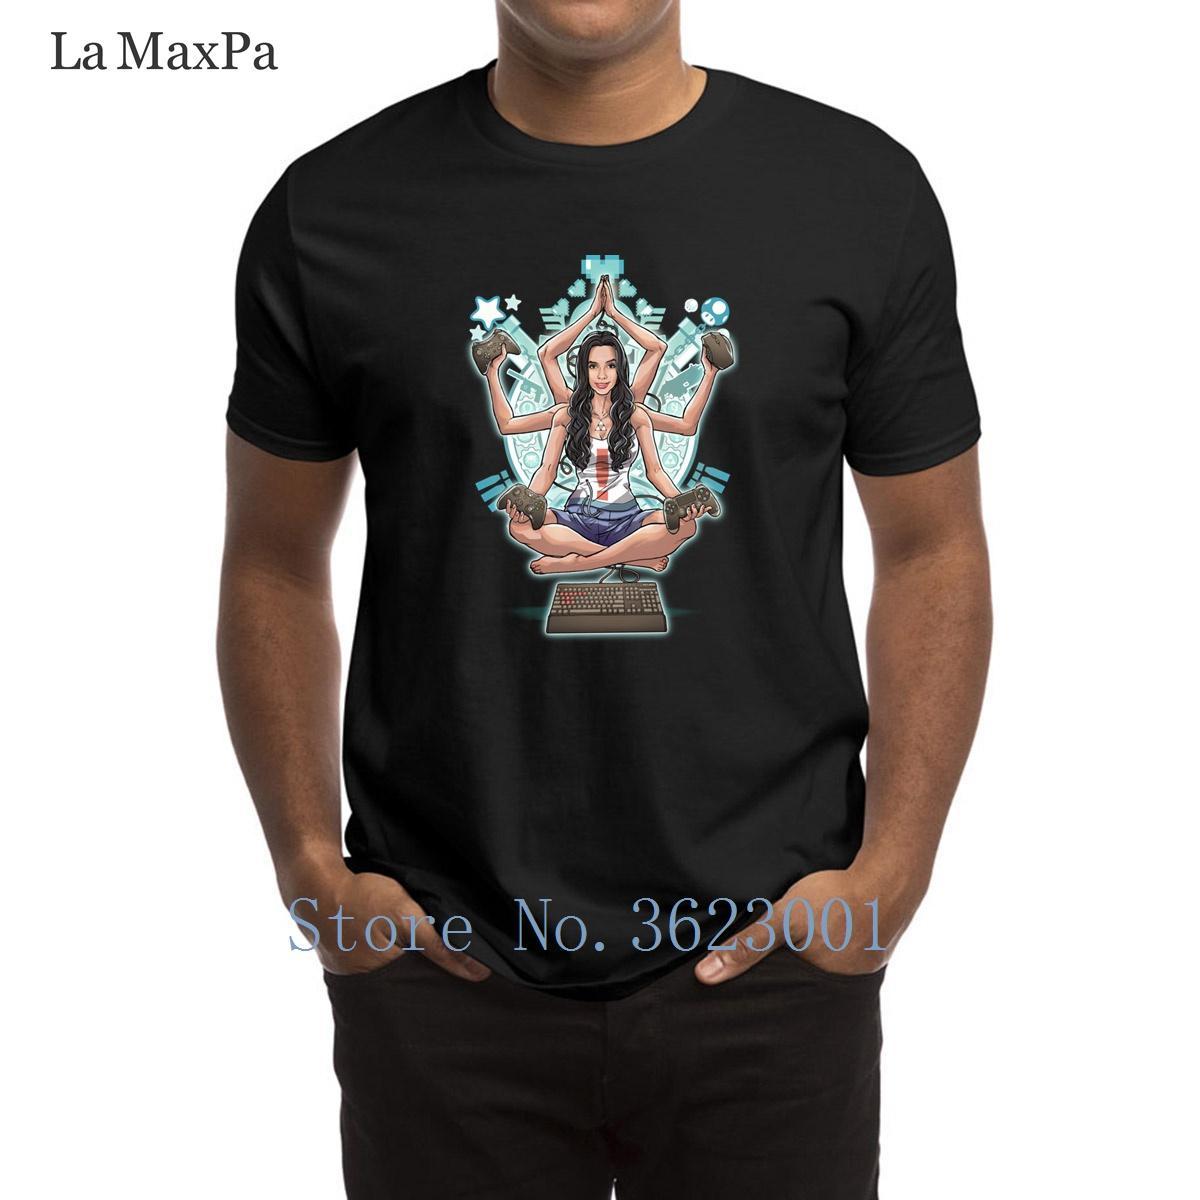 Imprimé naturel T-shirt du jeu L'harmonie des hommes T-shirt élégant de base solide pour hommes T-shirt Taille authentique S-3XL hommes T-shirt Hiphop